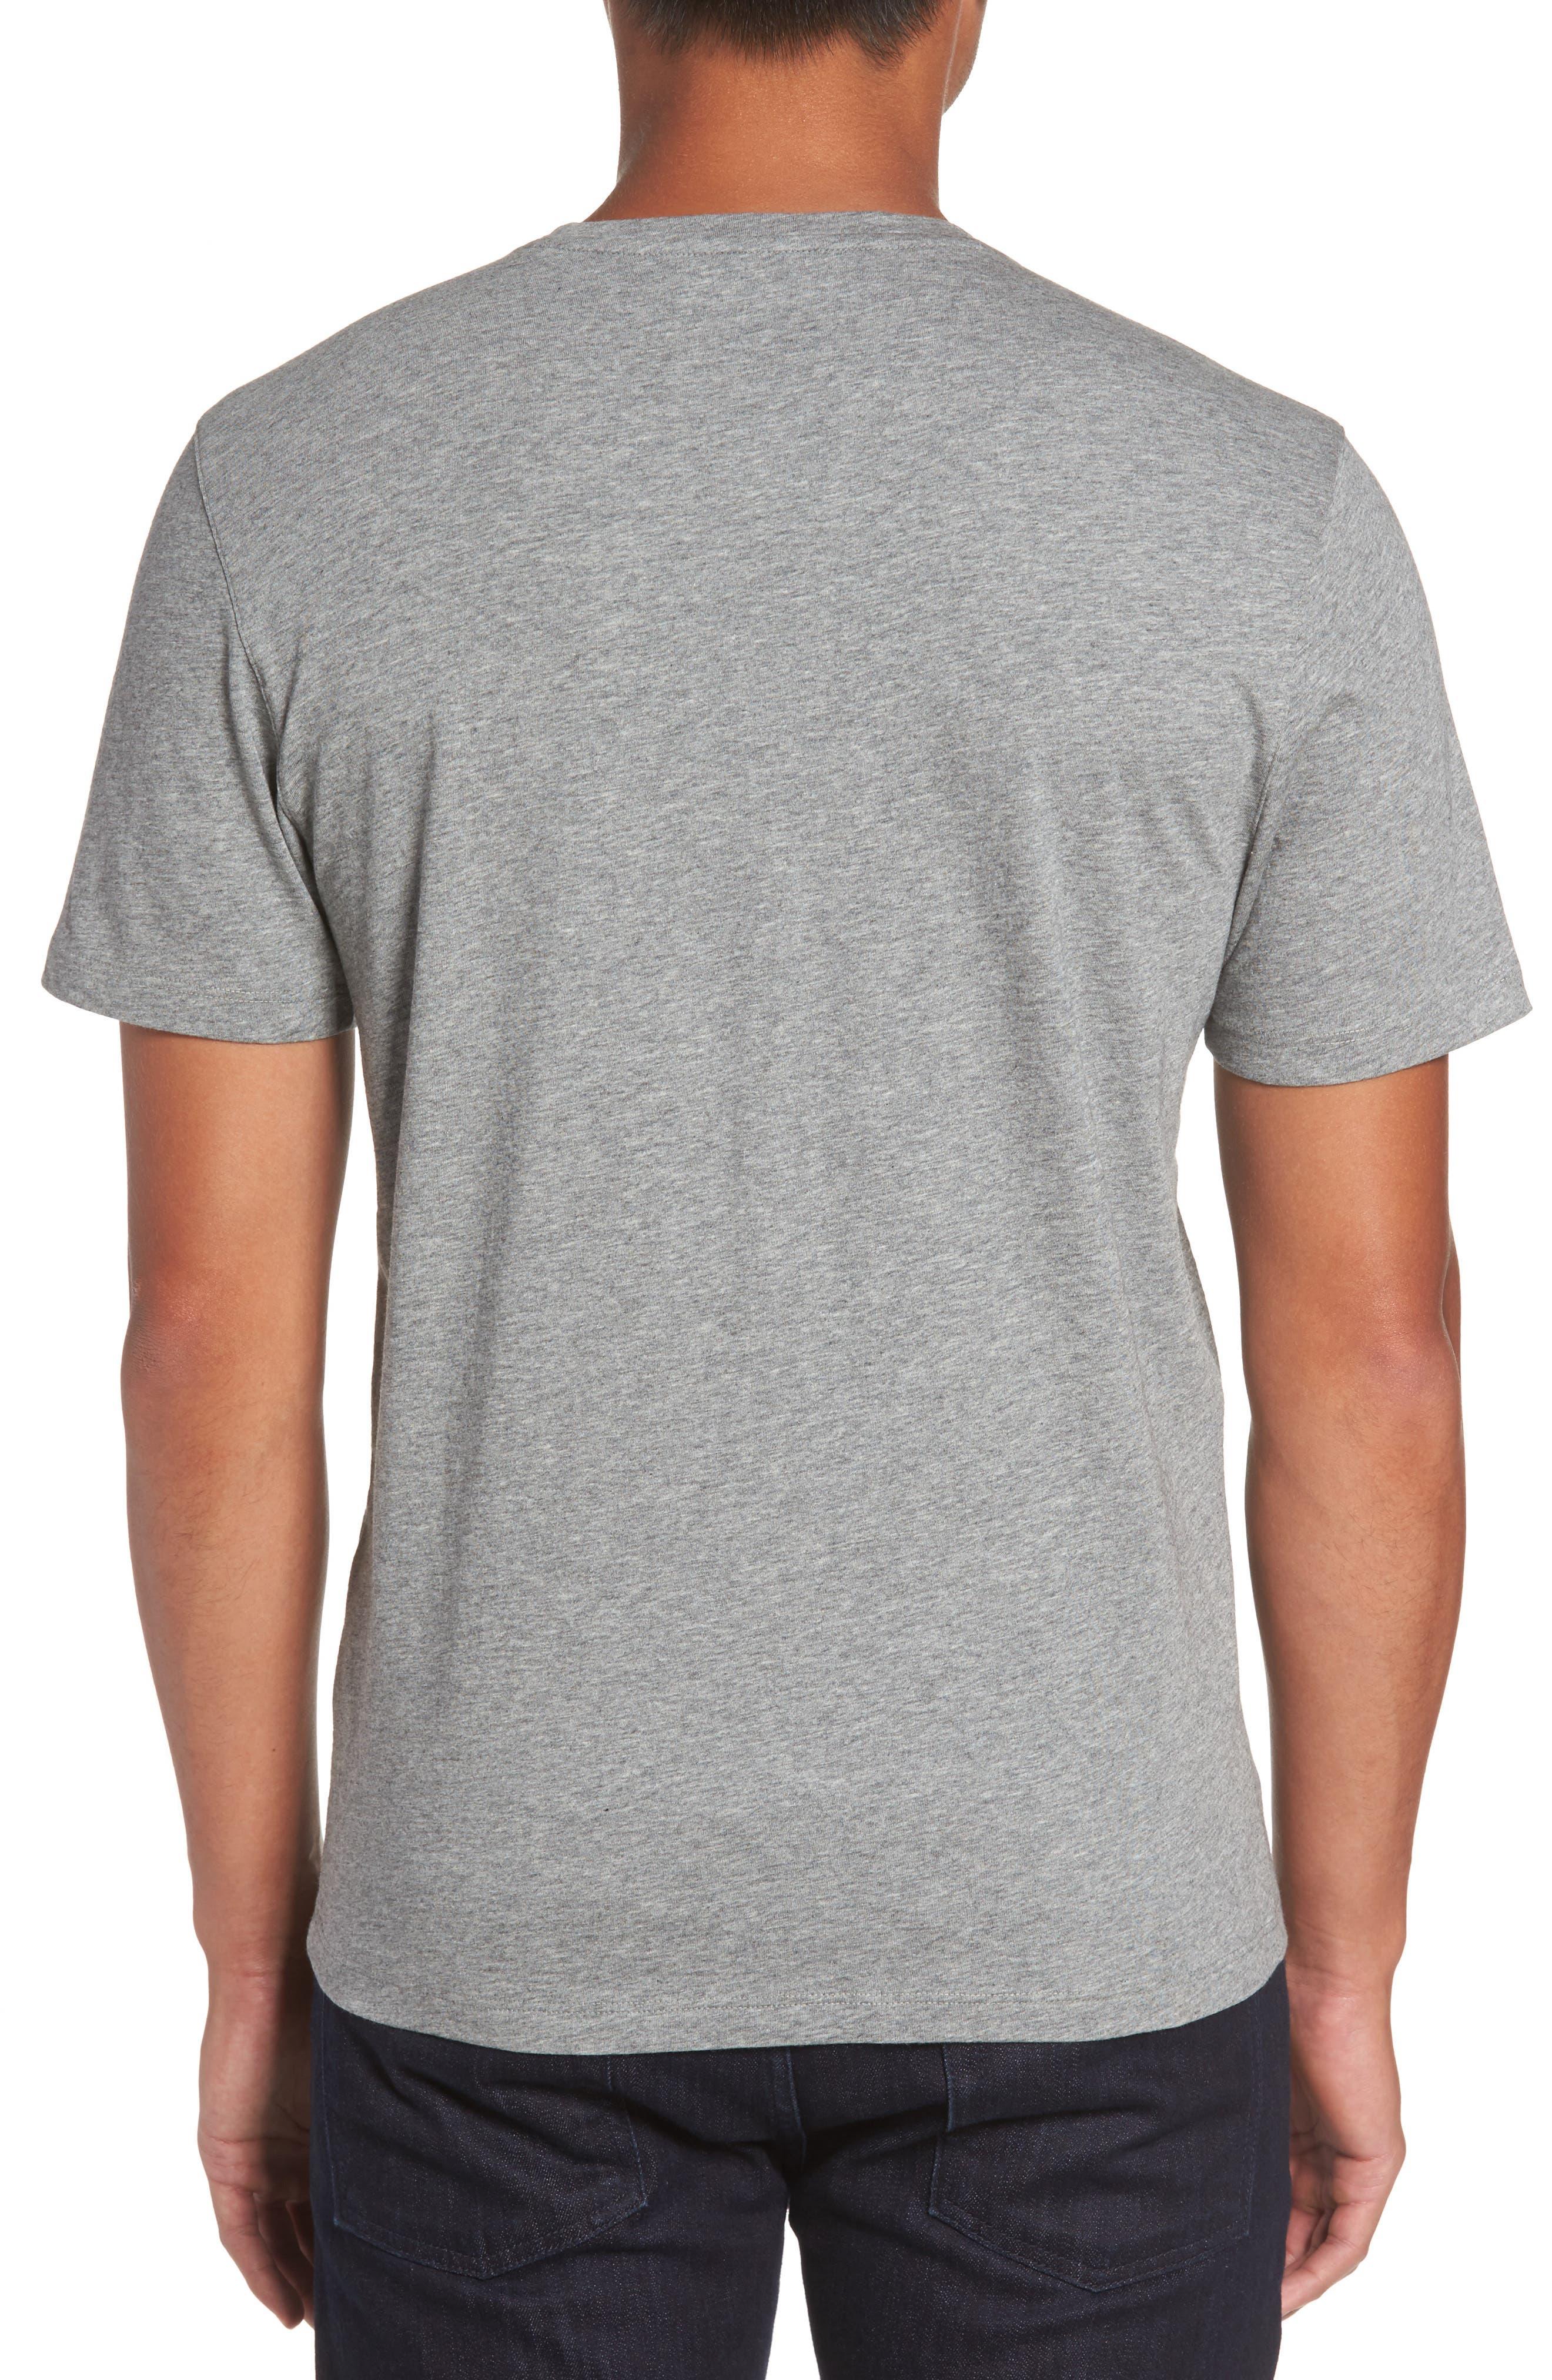 Alternate Image 2  - Zachary Prell Mercer V-Neck T-Shirt